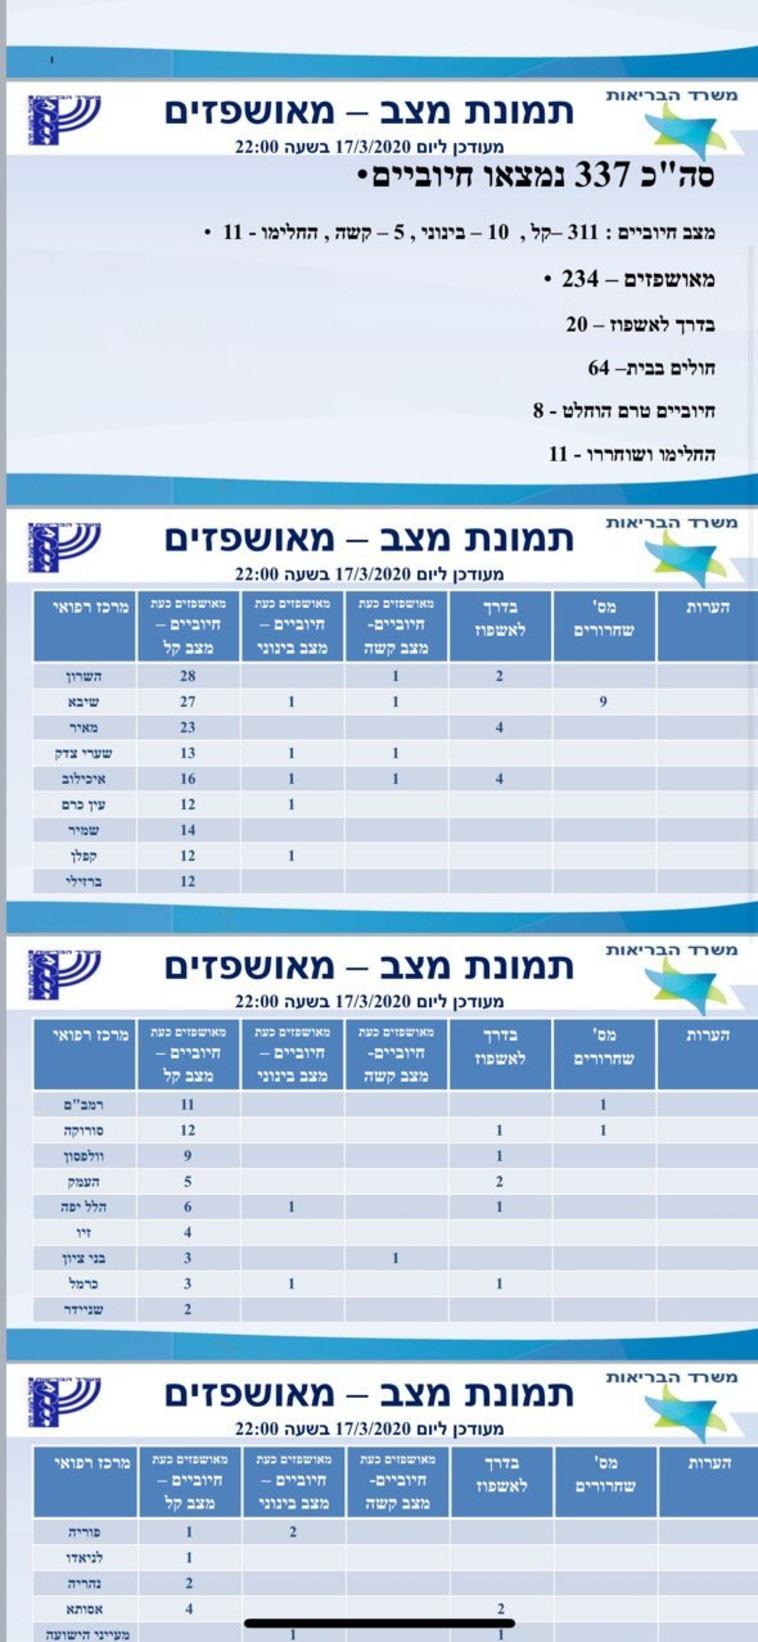 מספר החולים נכון ל-17/3 בערב (צילום: משרד הבריאות)